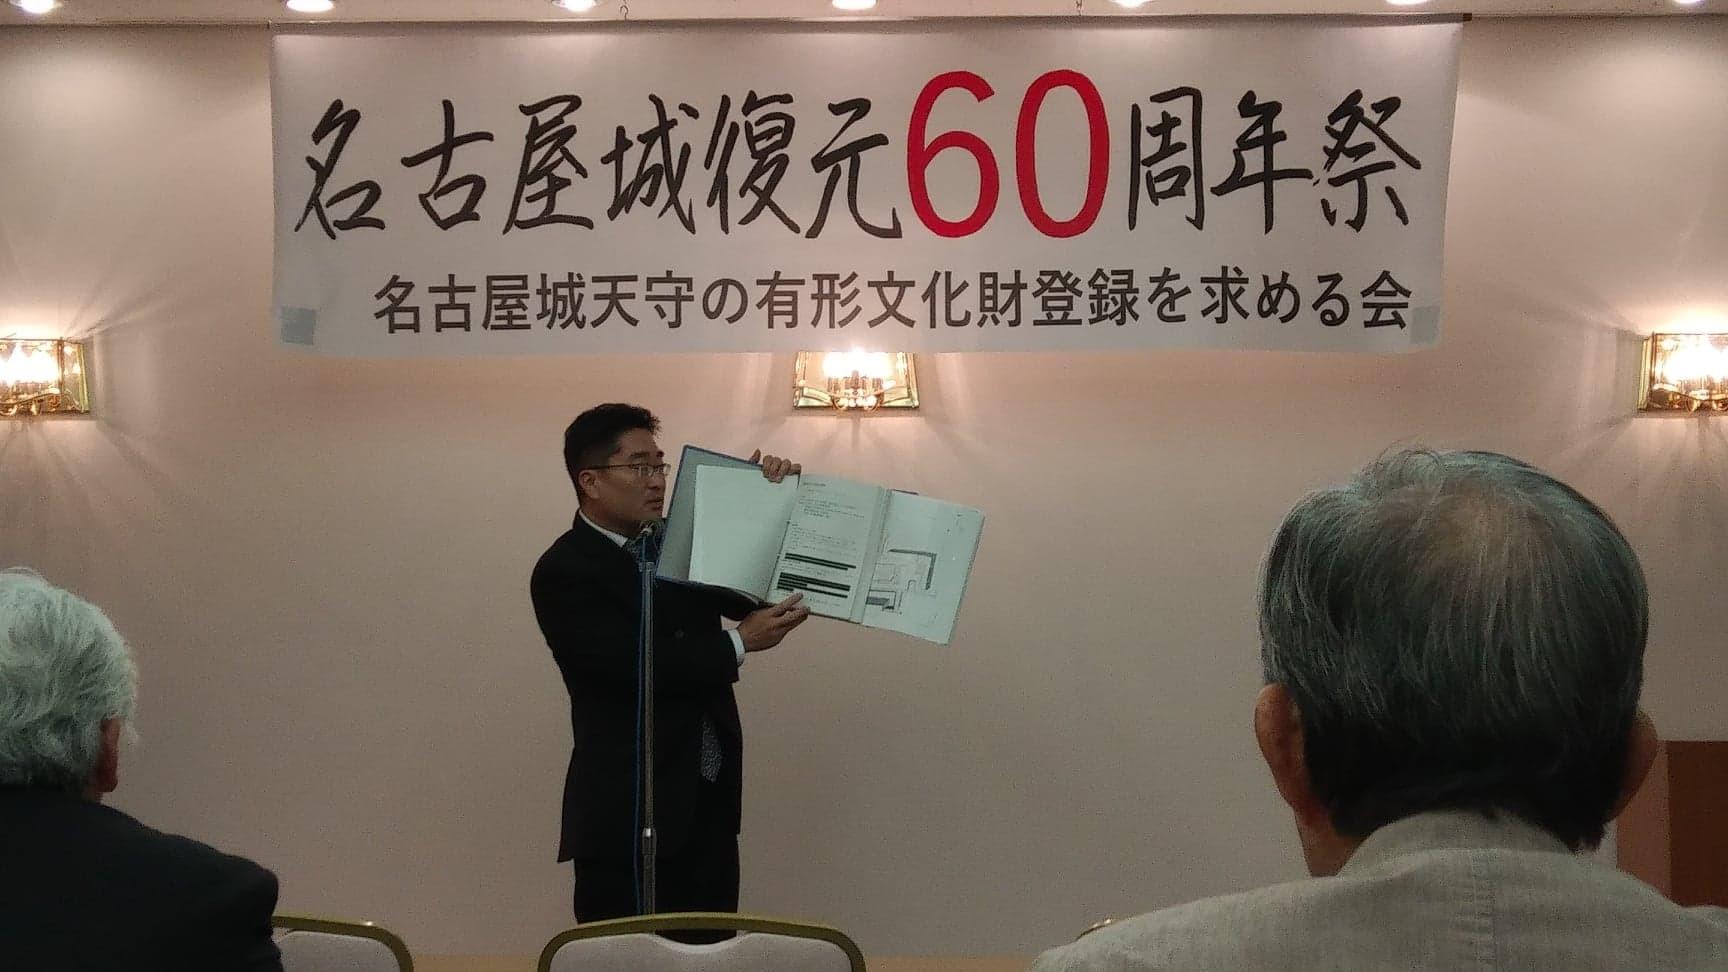 19/10/21 市民が開催する「名古屋城天守復元60周年祭」_d0011701_22042329.jpg